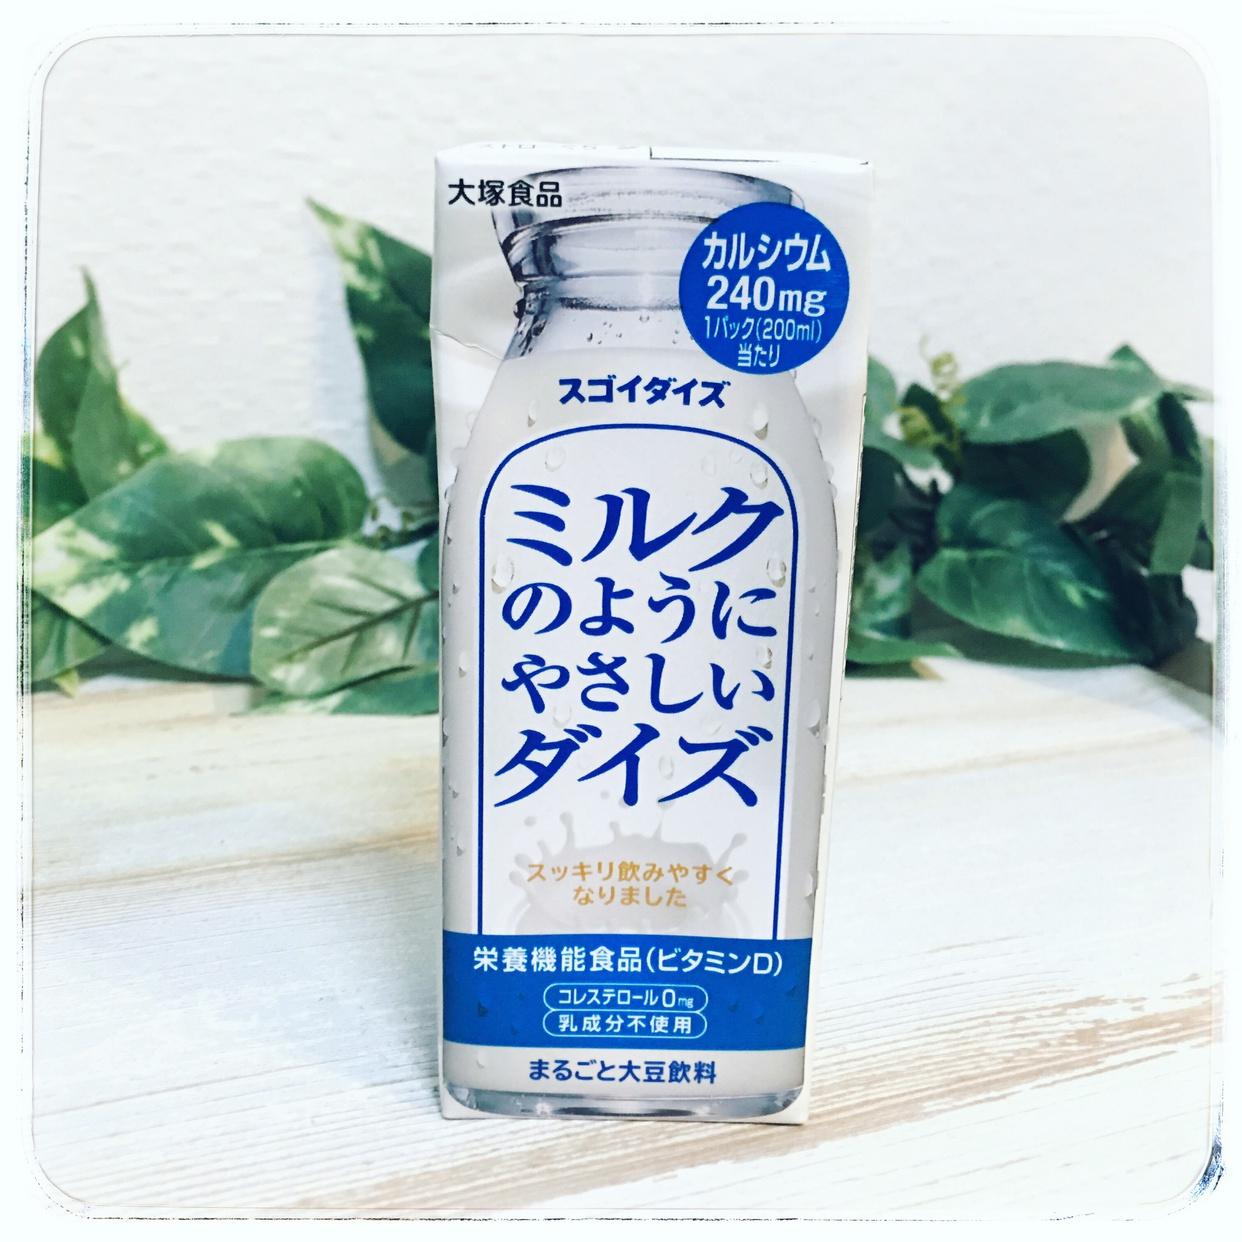 大塚食品 ミルクのようにやさしいダイズを使った有姫さんのクチコミ画像1